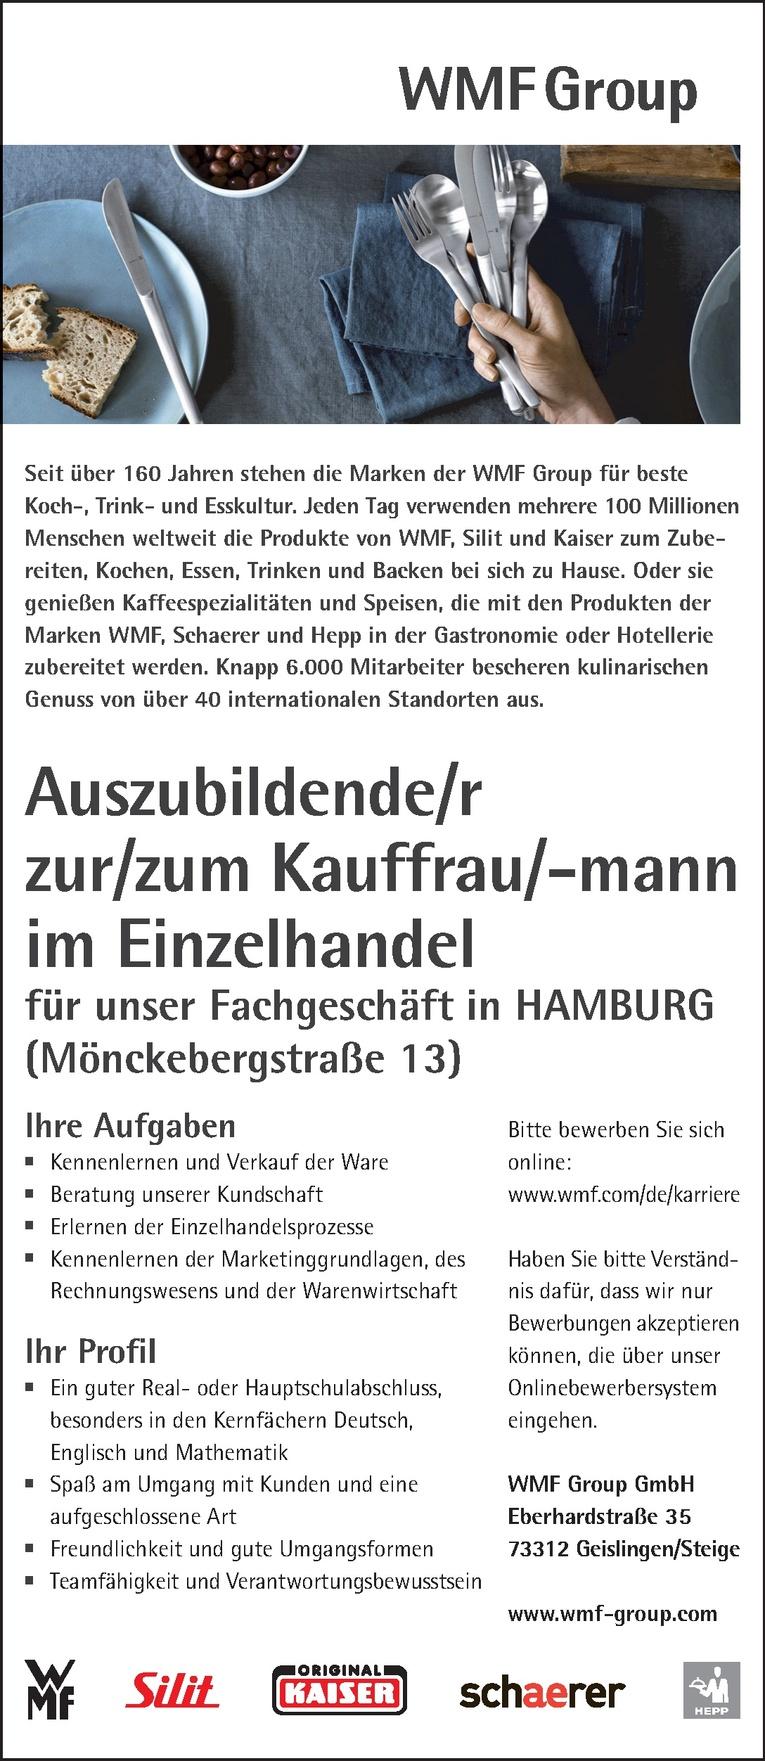 Ausbildung: Kauffrau/-mann im Einzelhandel